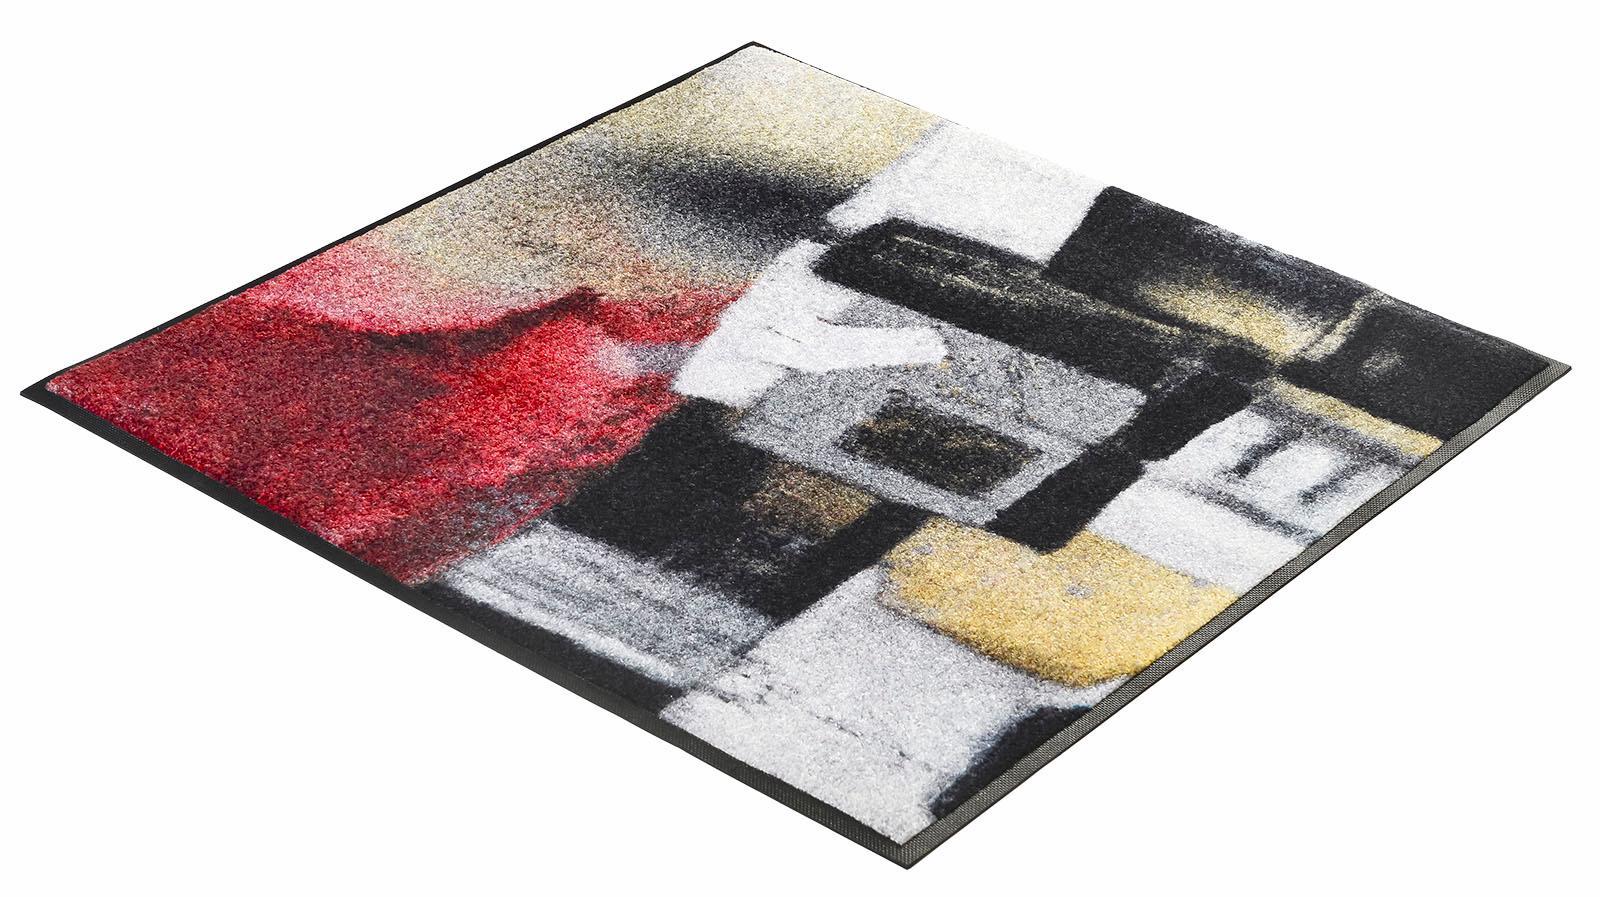 Läufer Amore wash+dry by Kleen-Tex quadratisch Höhe 7 mm gedruckt